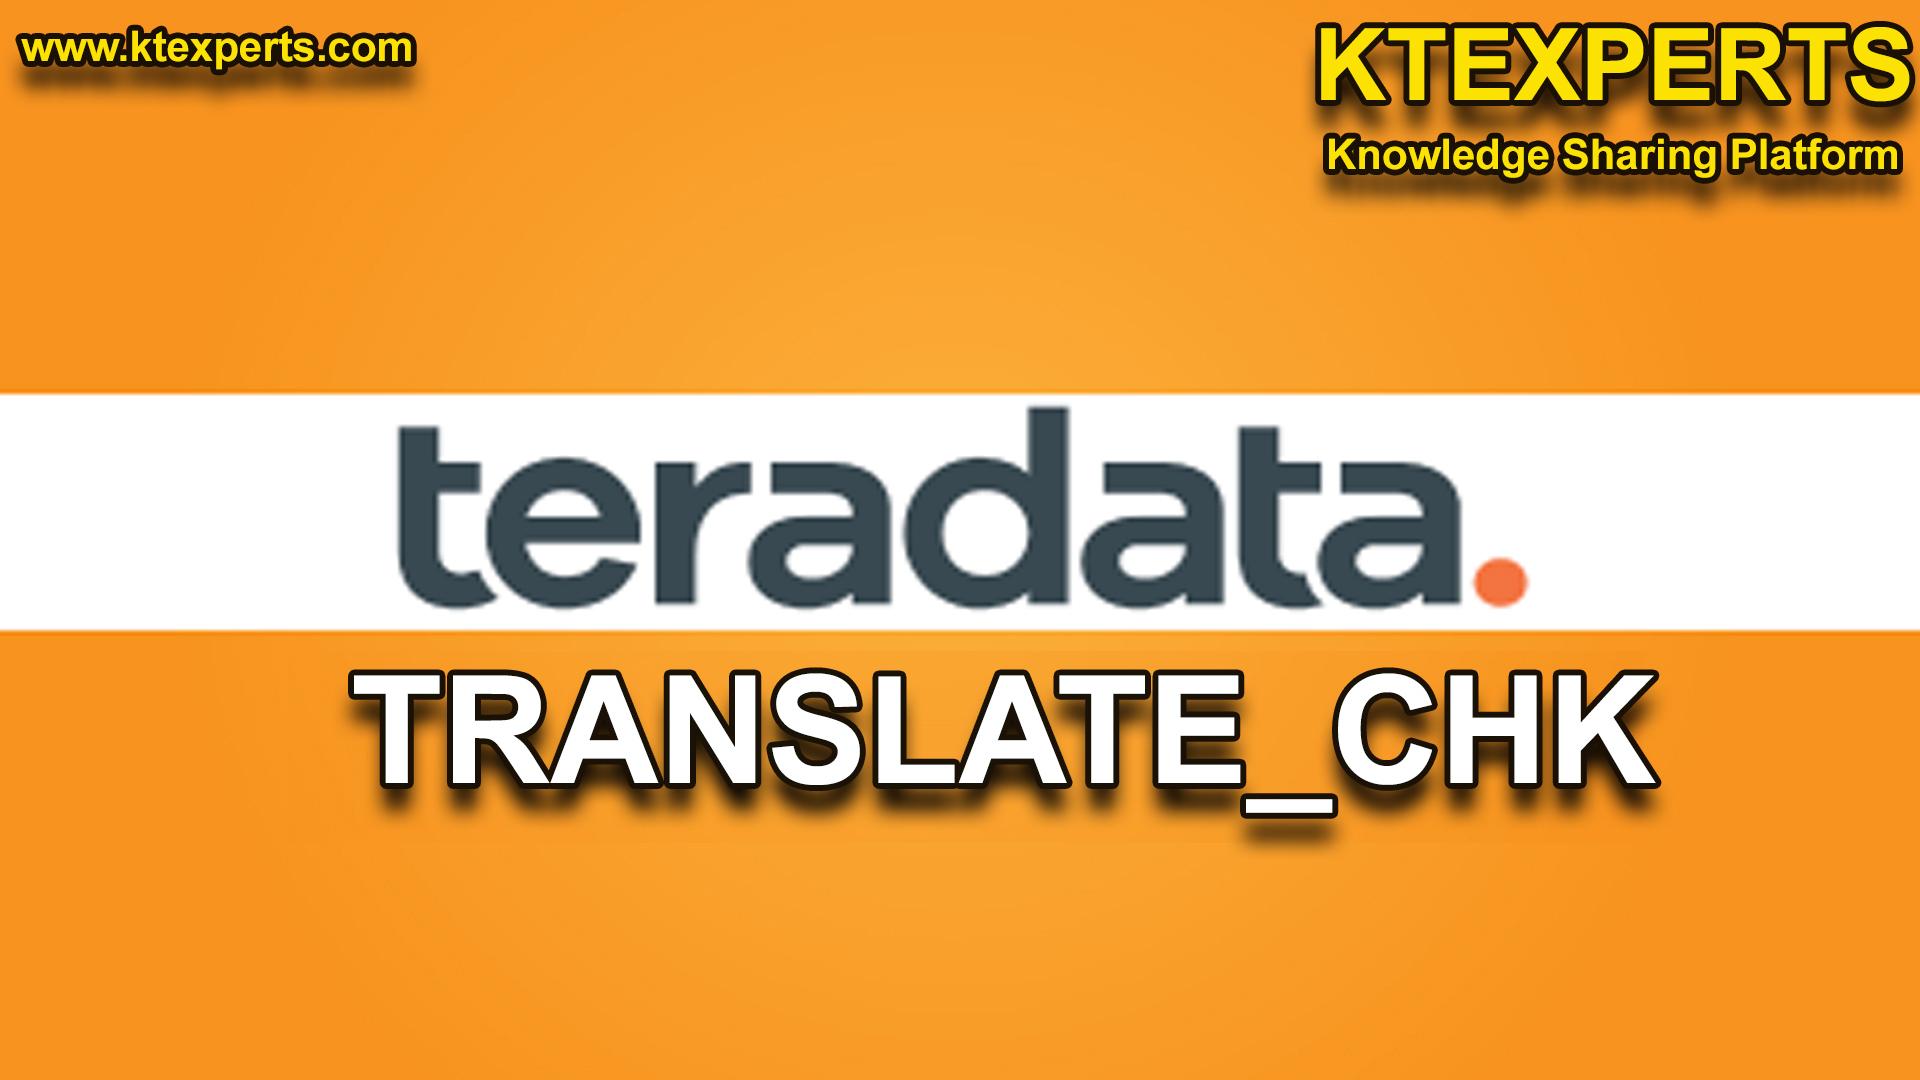 TRANSLATE_CHK IN TERADATA